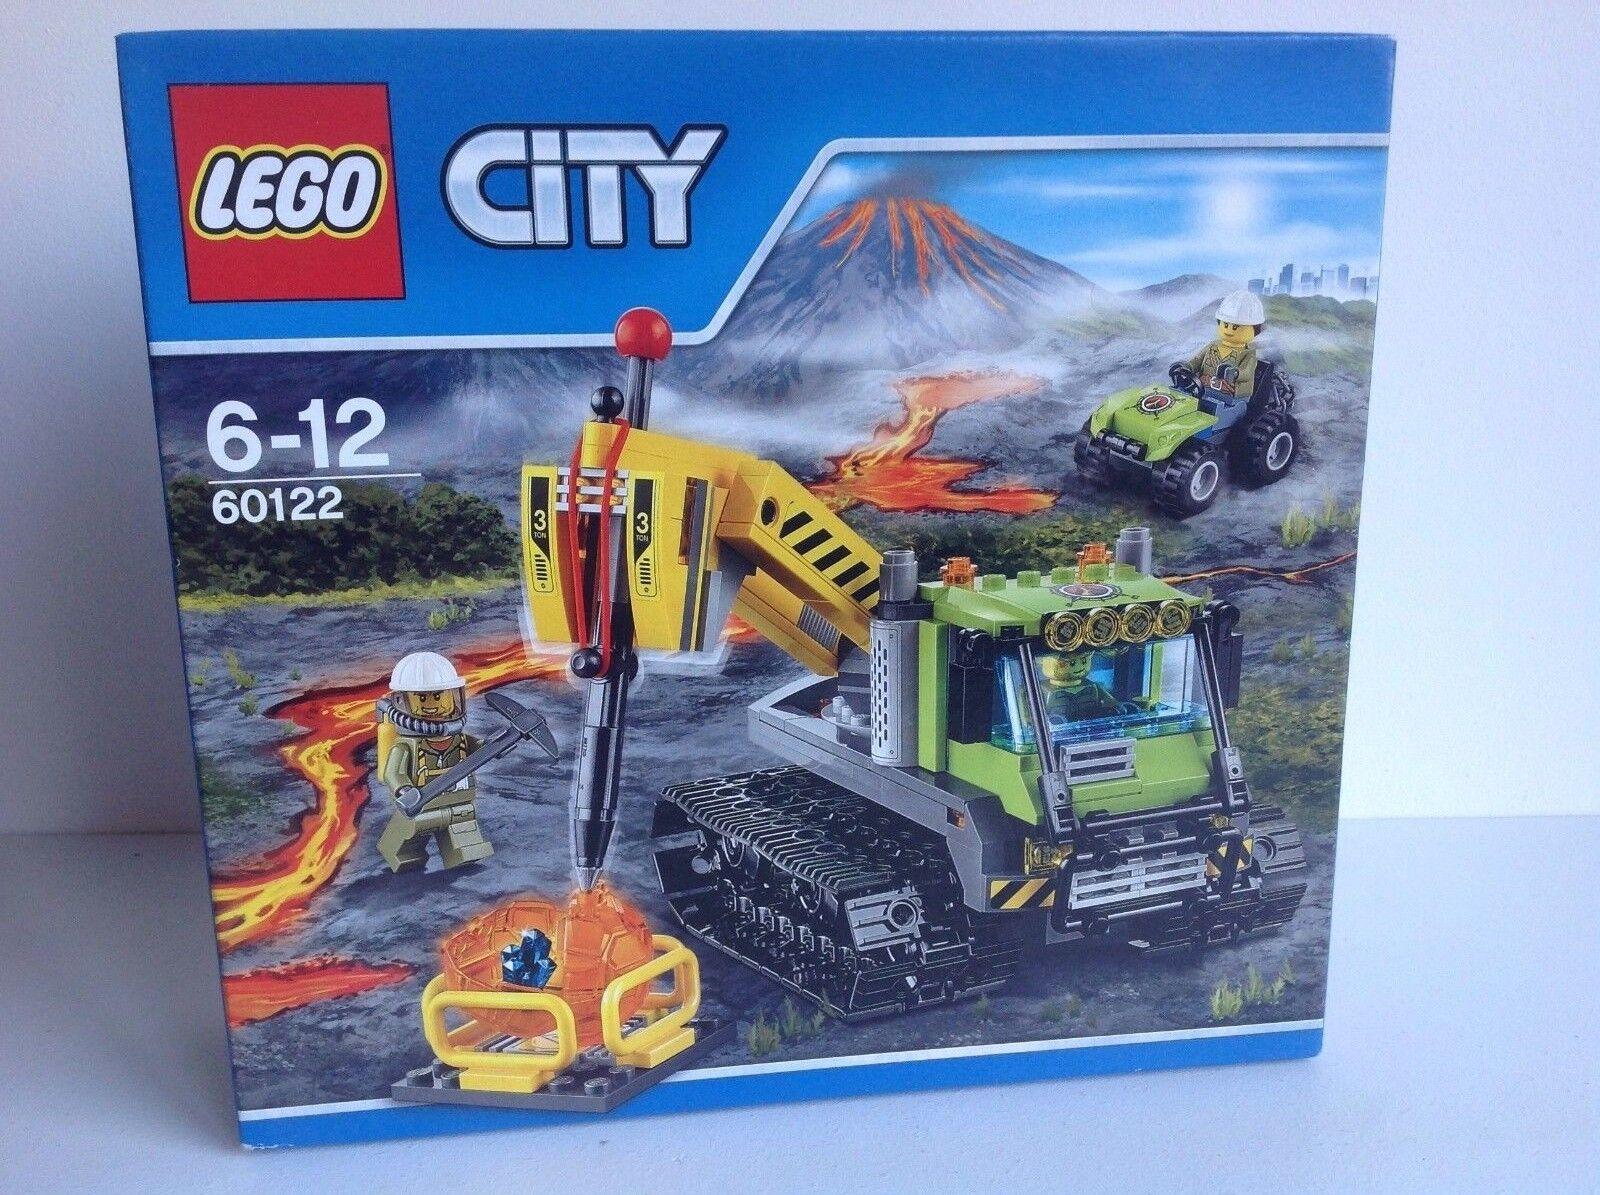 LEGO CITY VULCANO Crawler  60122  con 3 MINI FIGURES SERIE Nuovo di zecca in scatola.